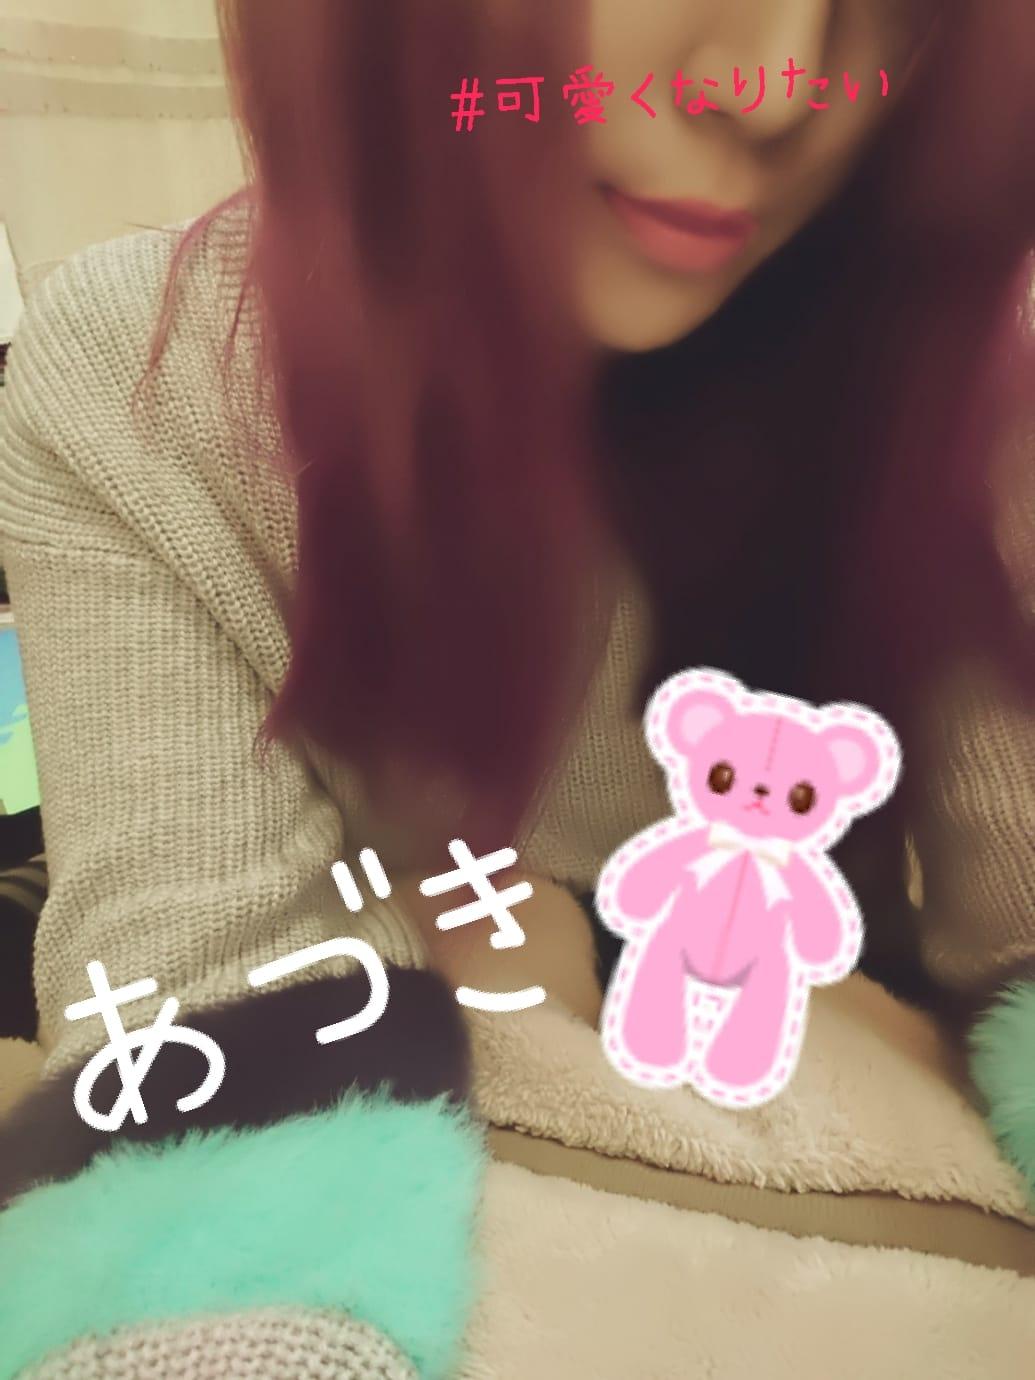 「また来月♪」01/15(月) 23:17 | 愛月(あづき)の写メ・風俗動画